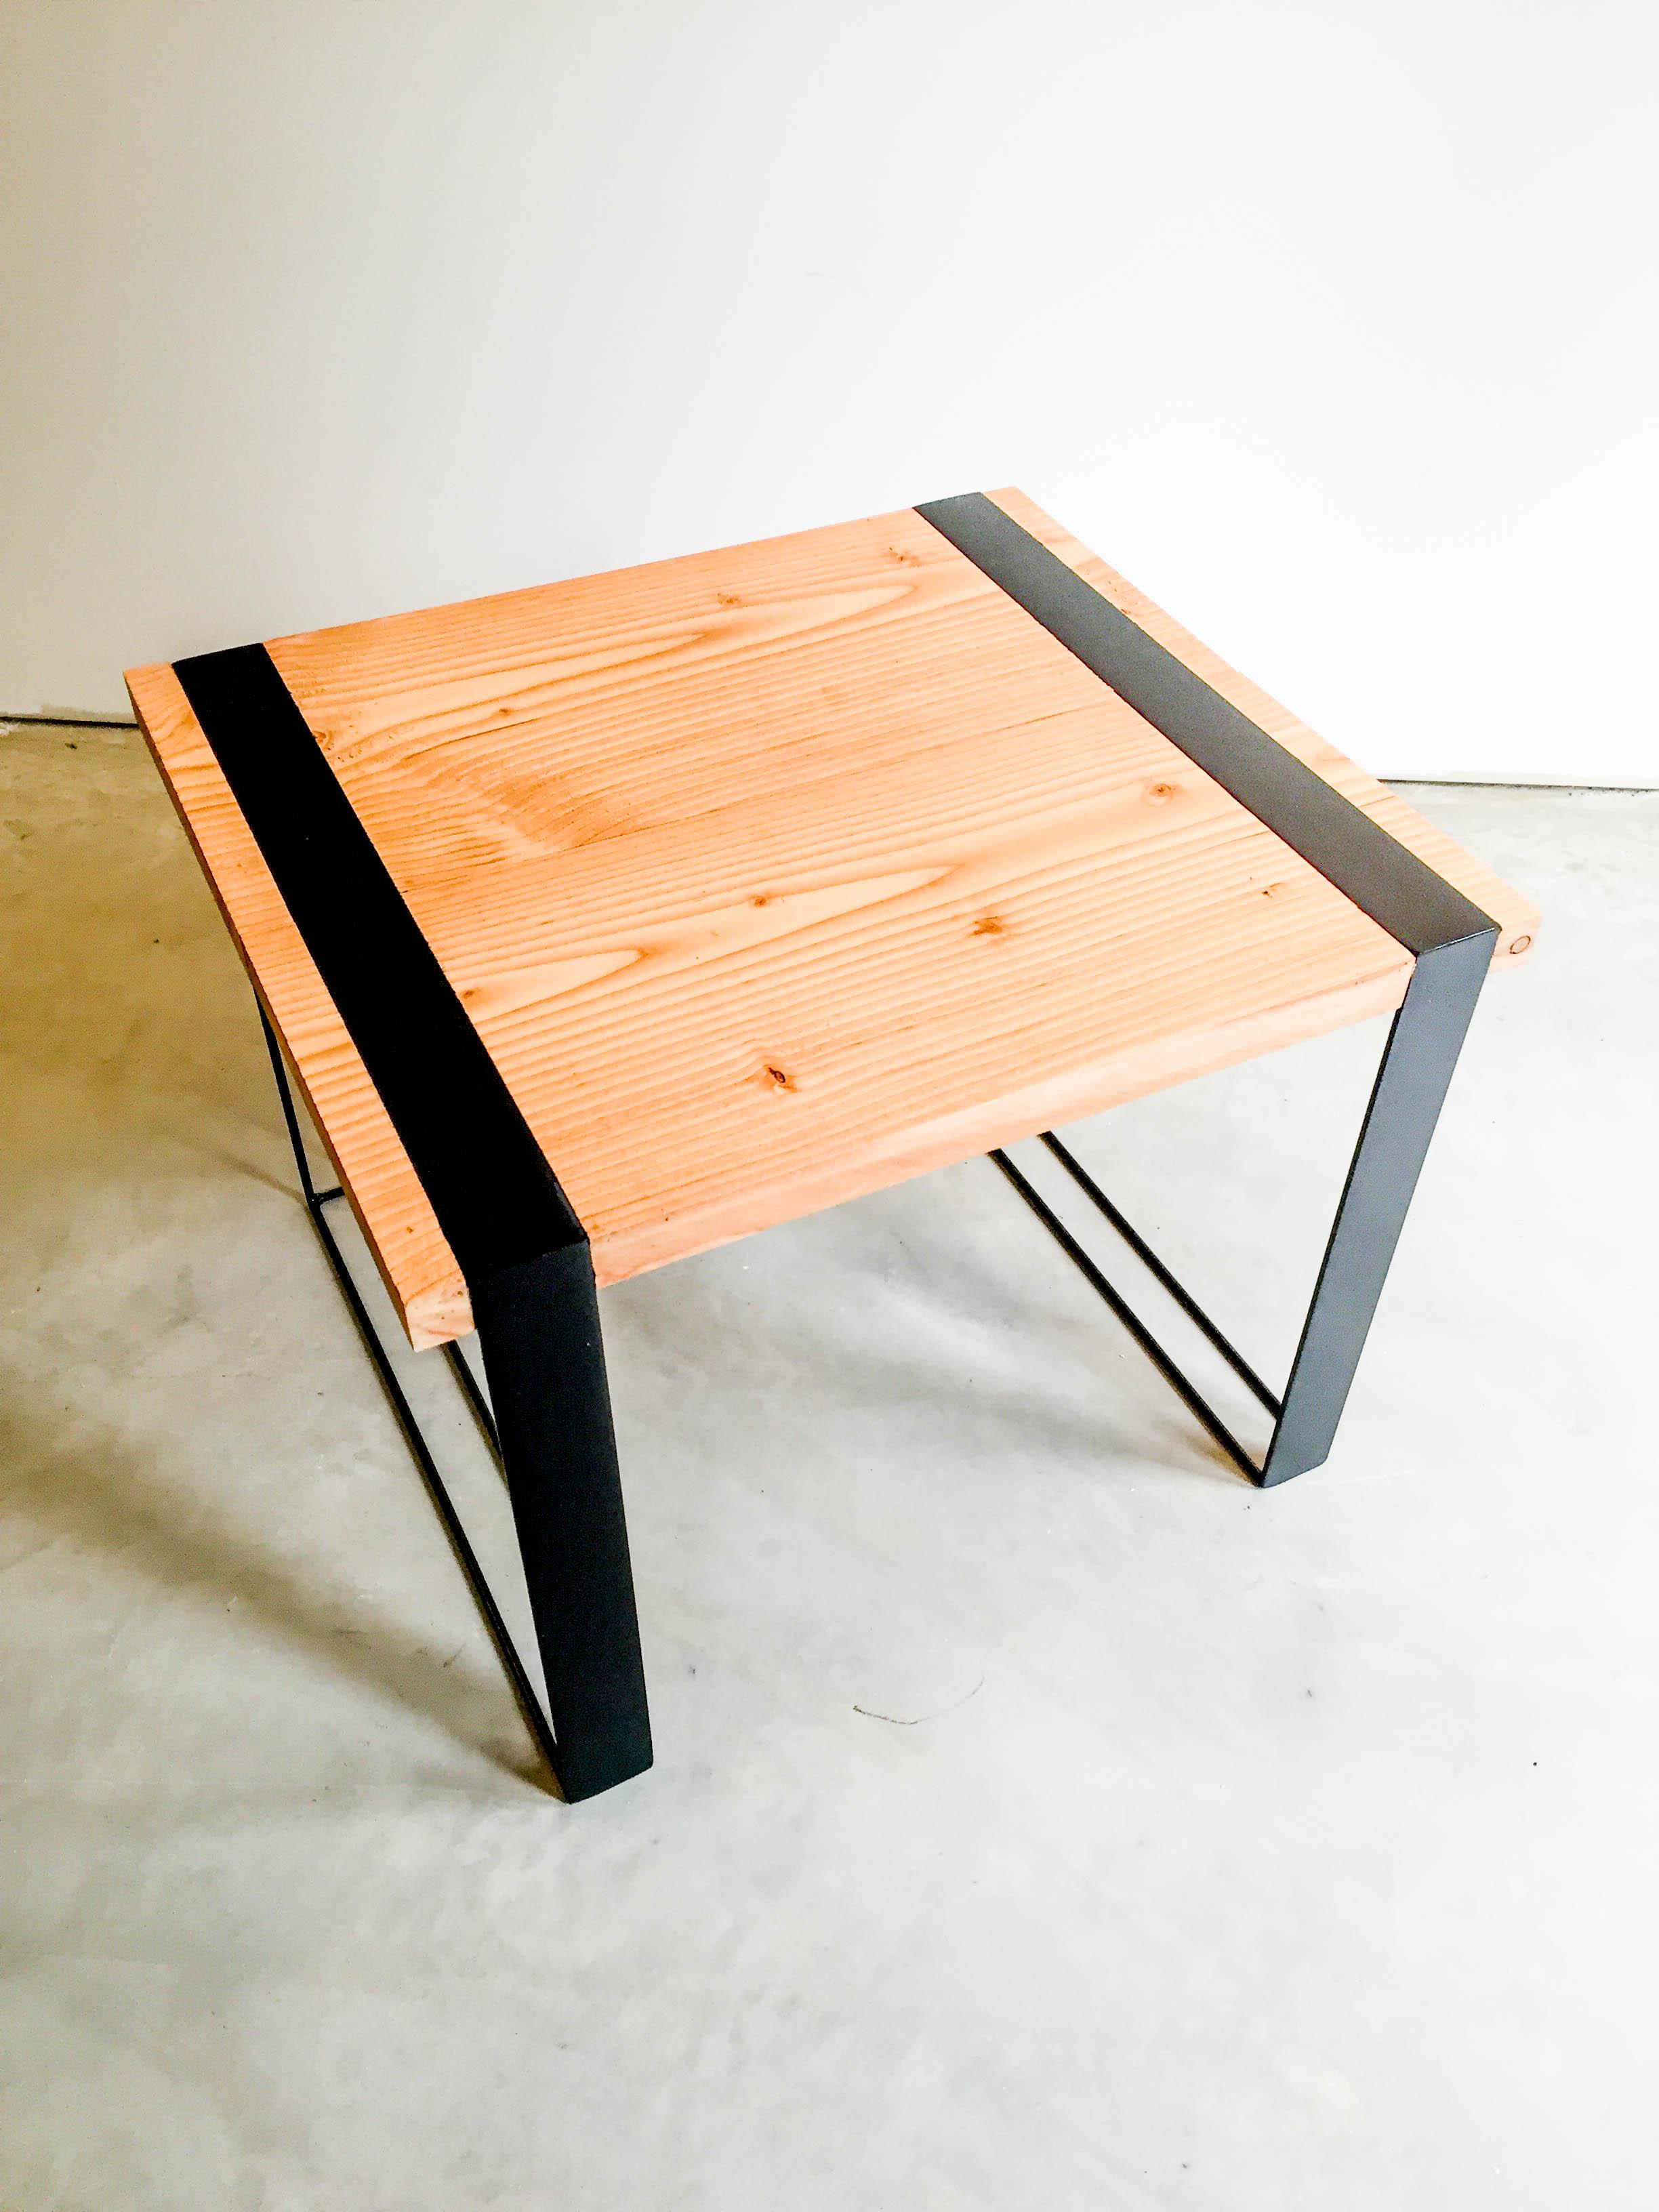 meubles roll 3-14